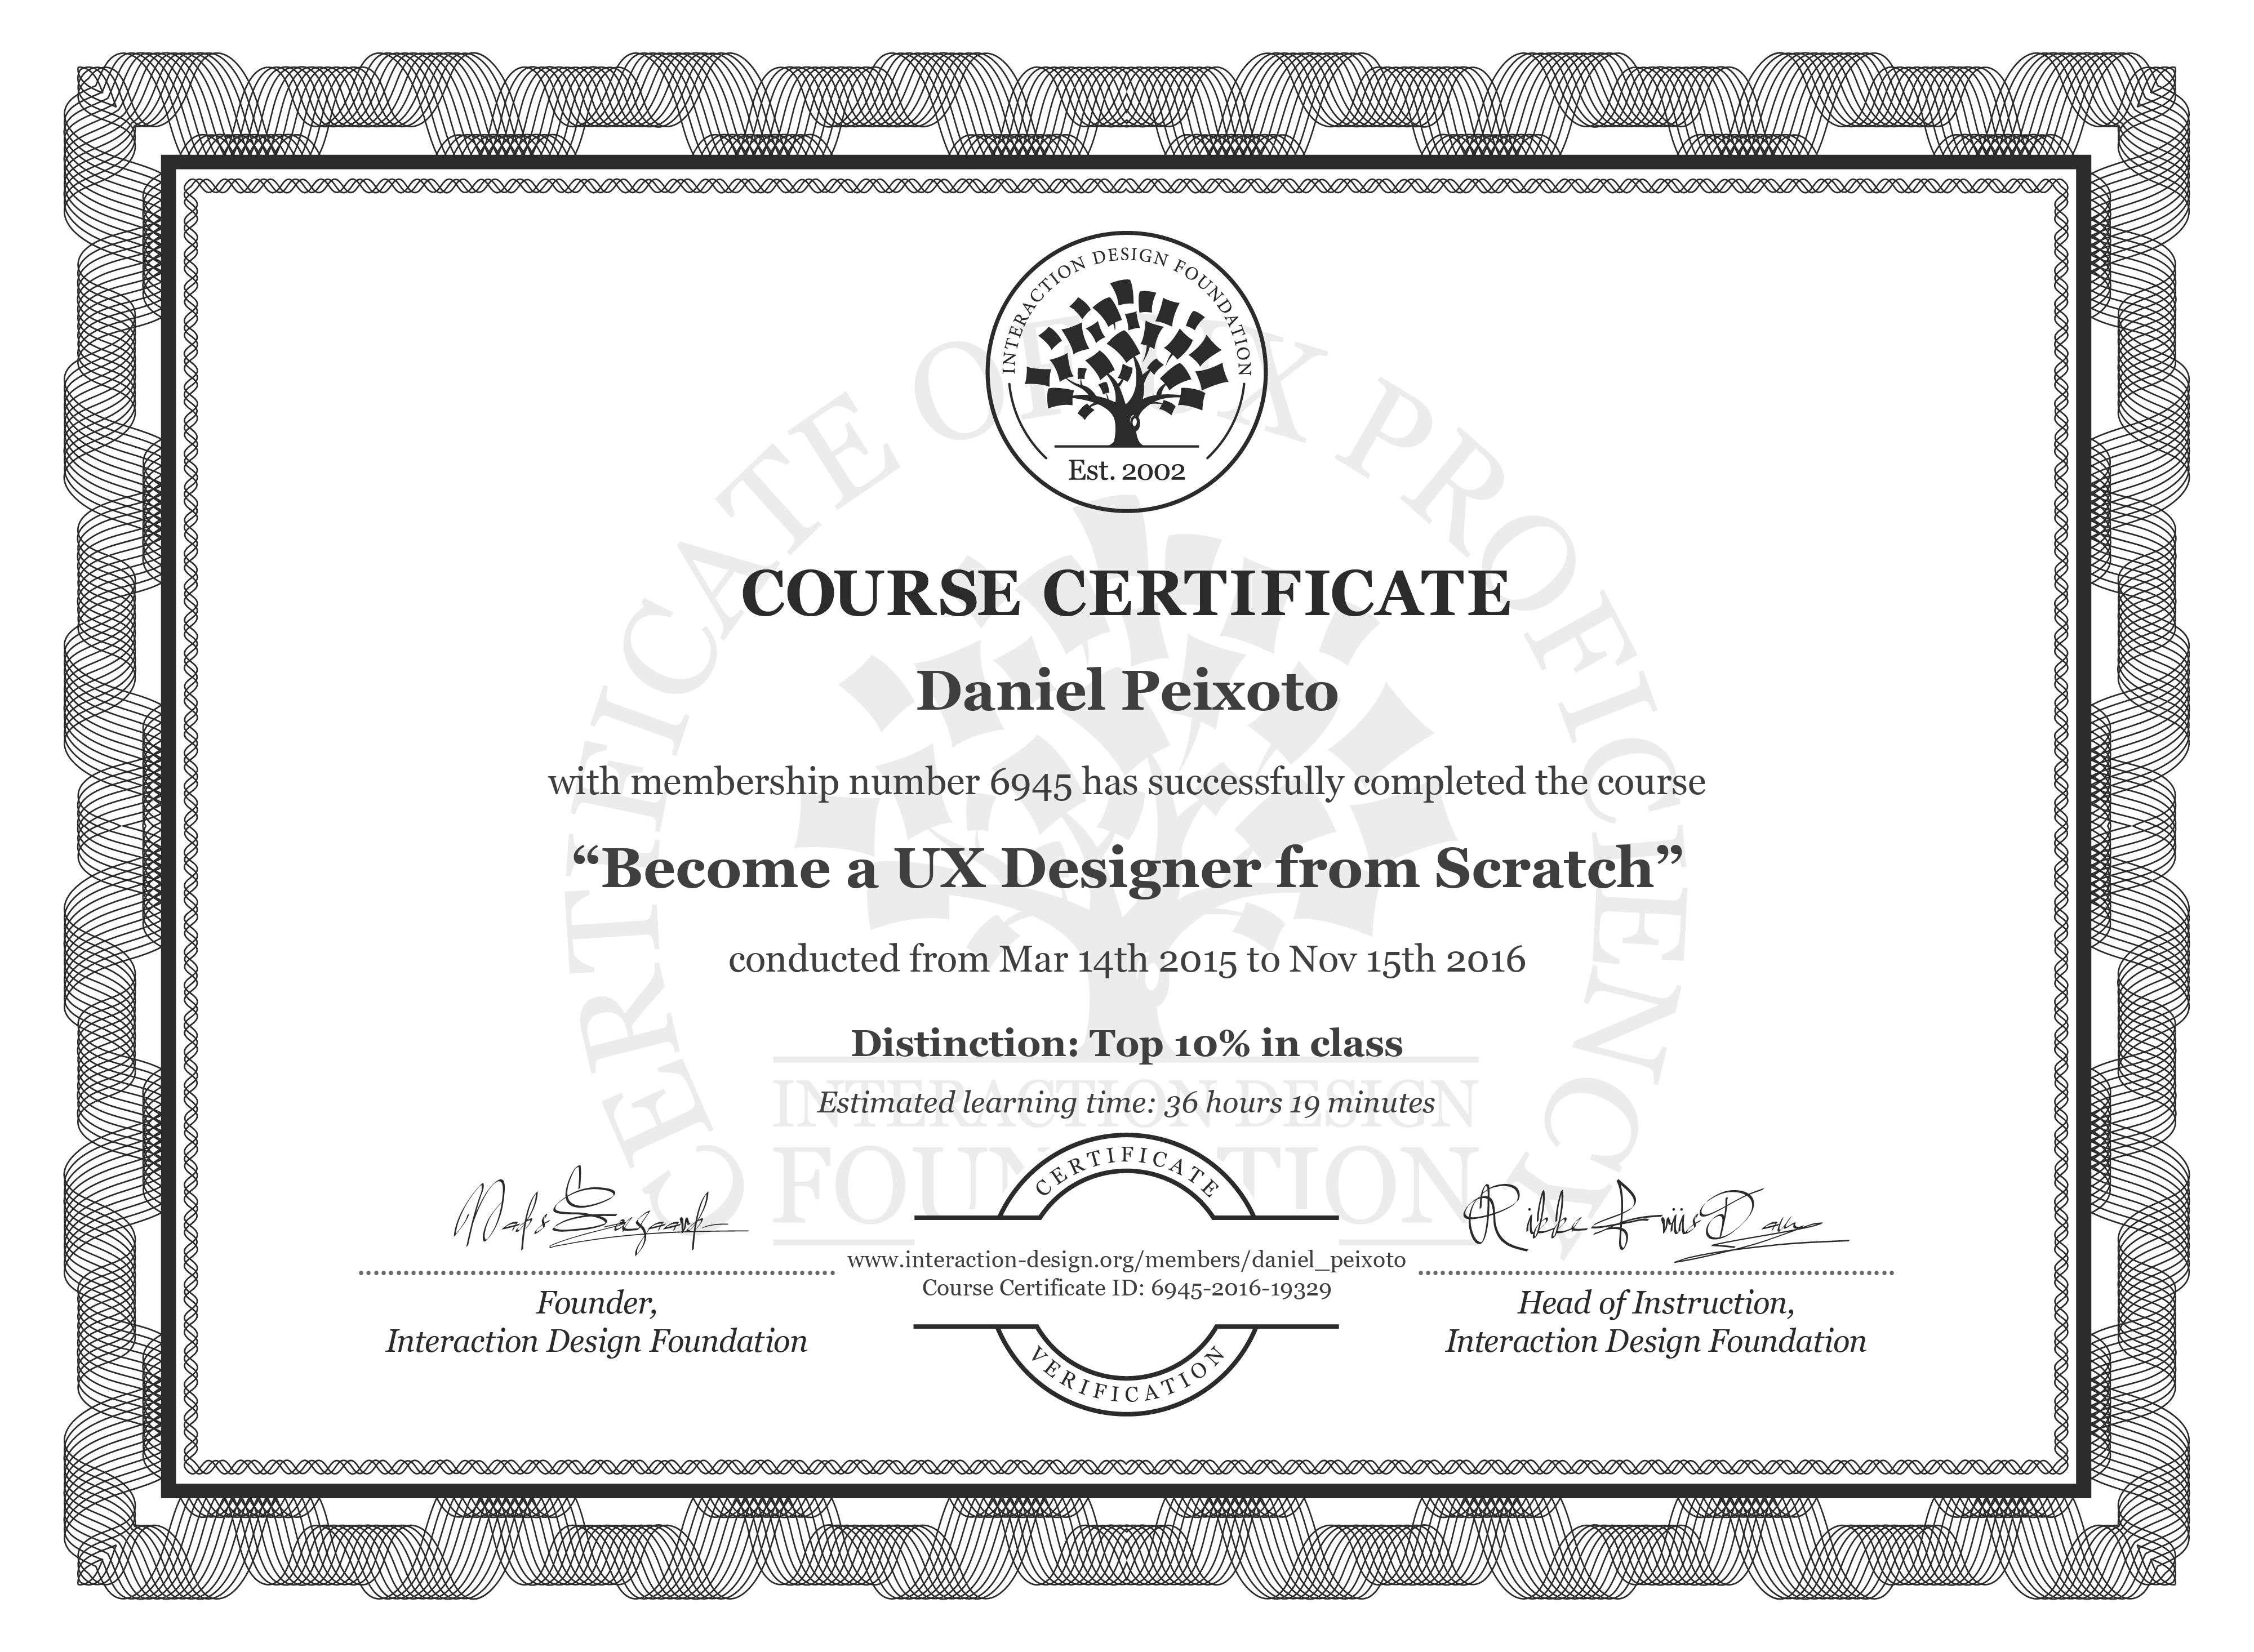 Daniel Peixoto's Course Certificate: Become a UX Designer from Scratch